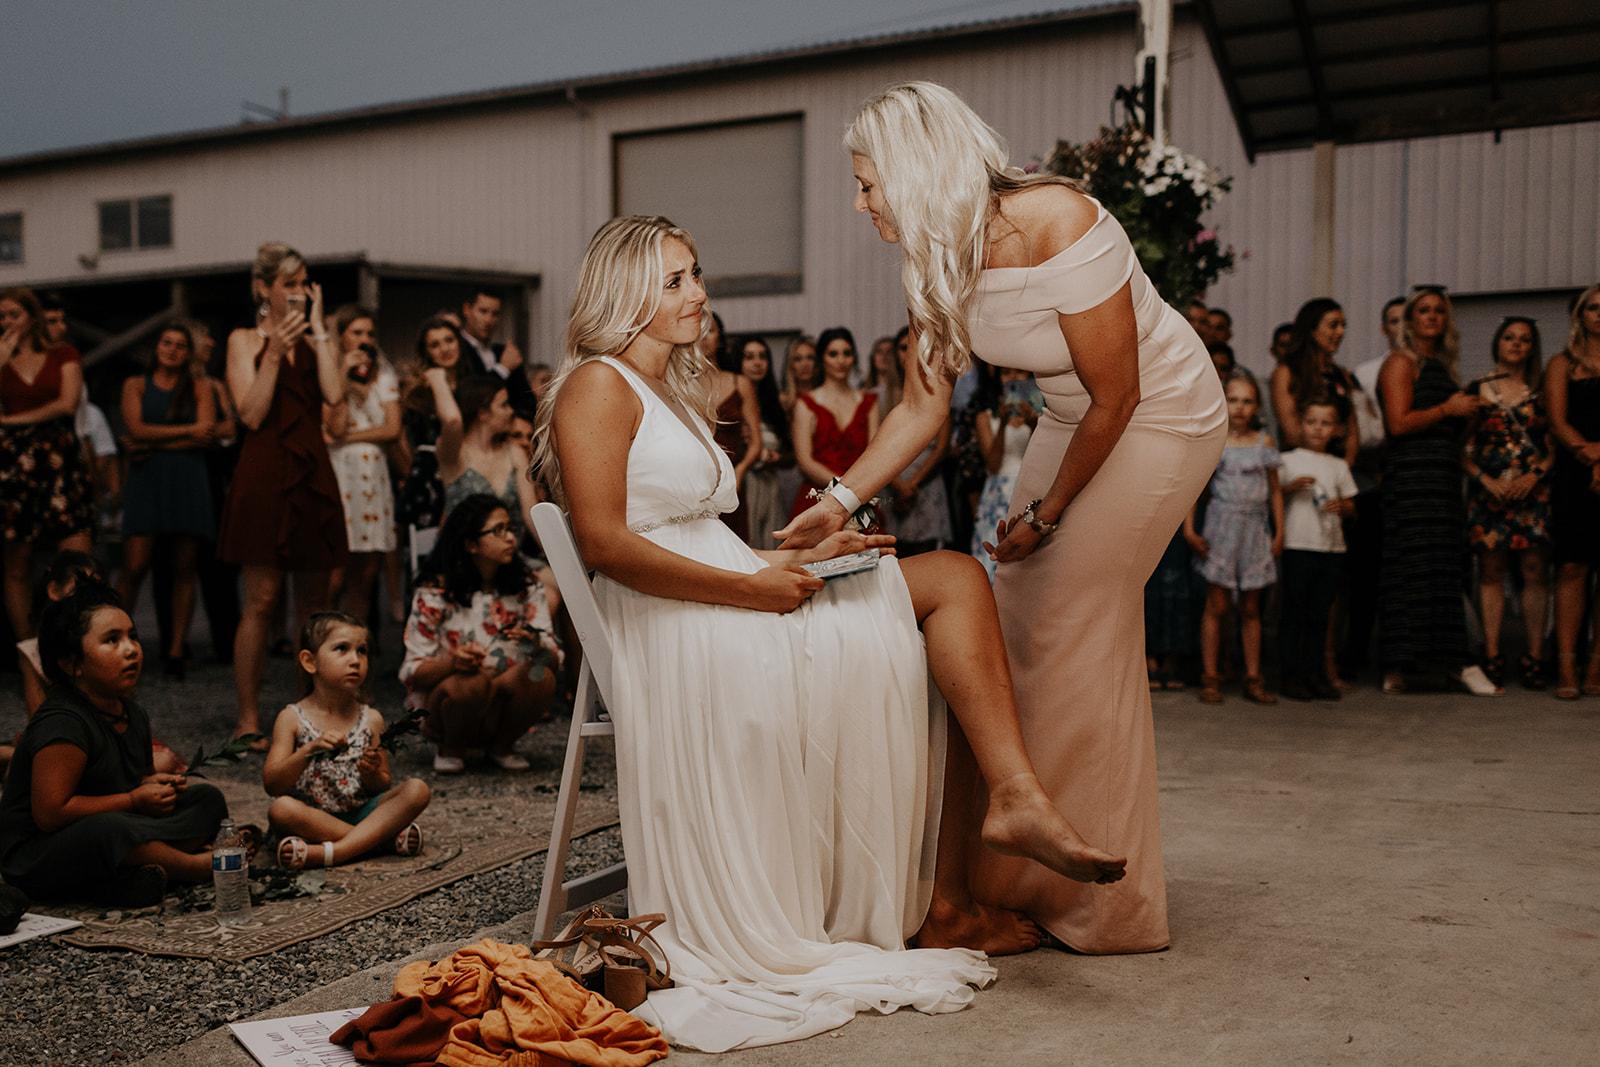 ginapaulson_larabryce_wedding-1214.jpg